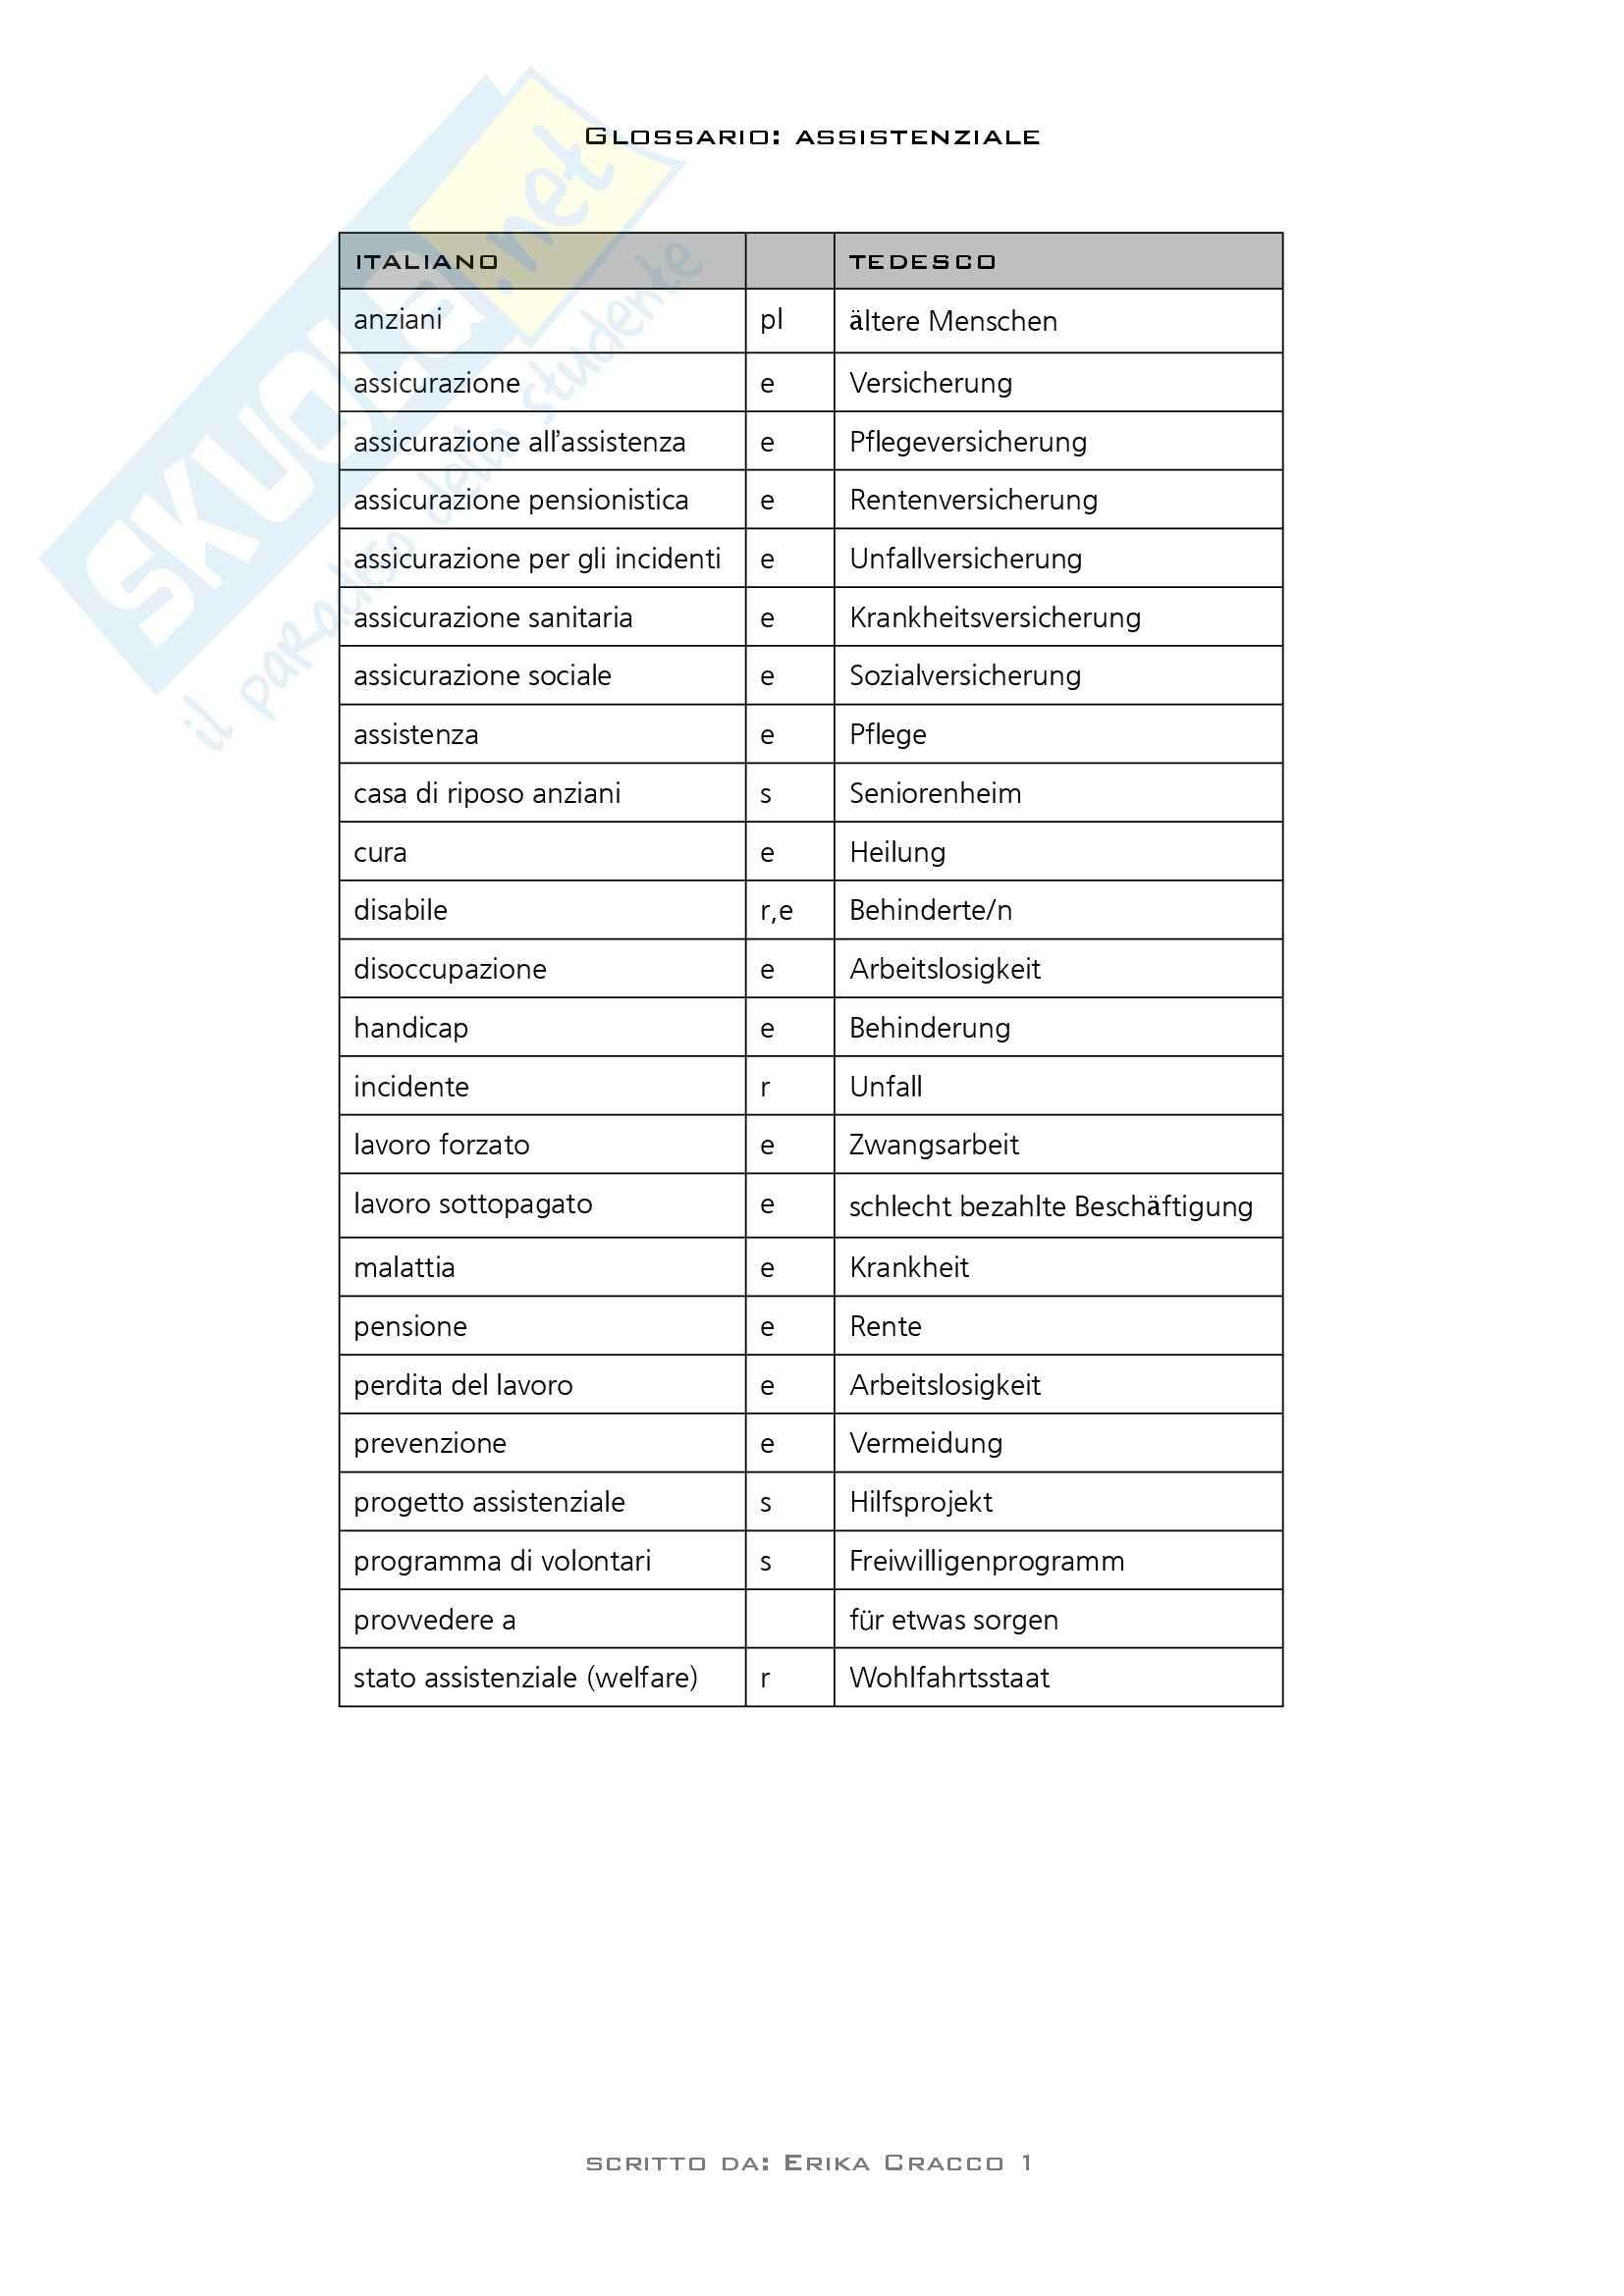 Glossario di tedesco assistenziale